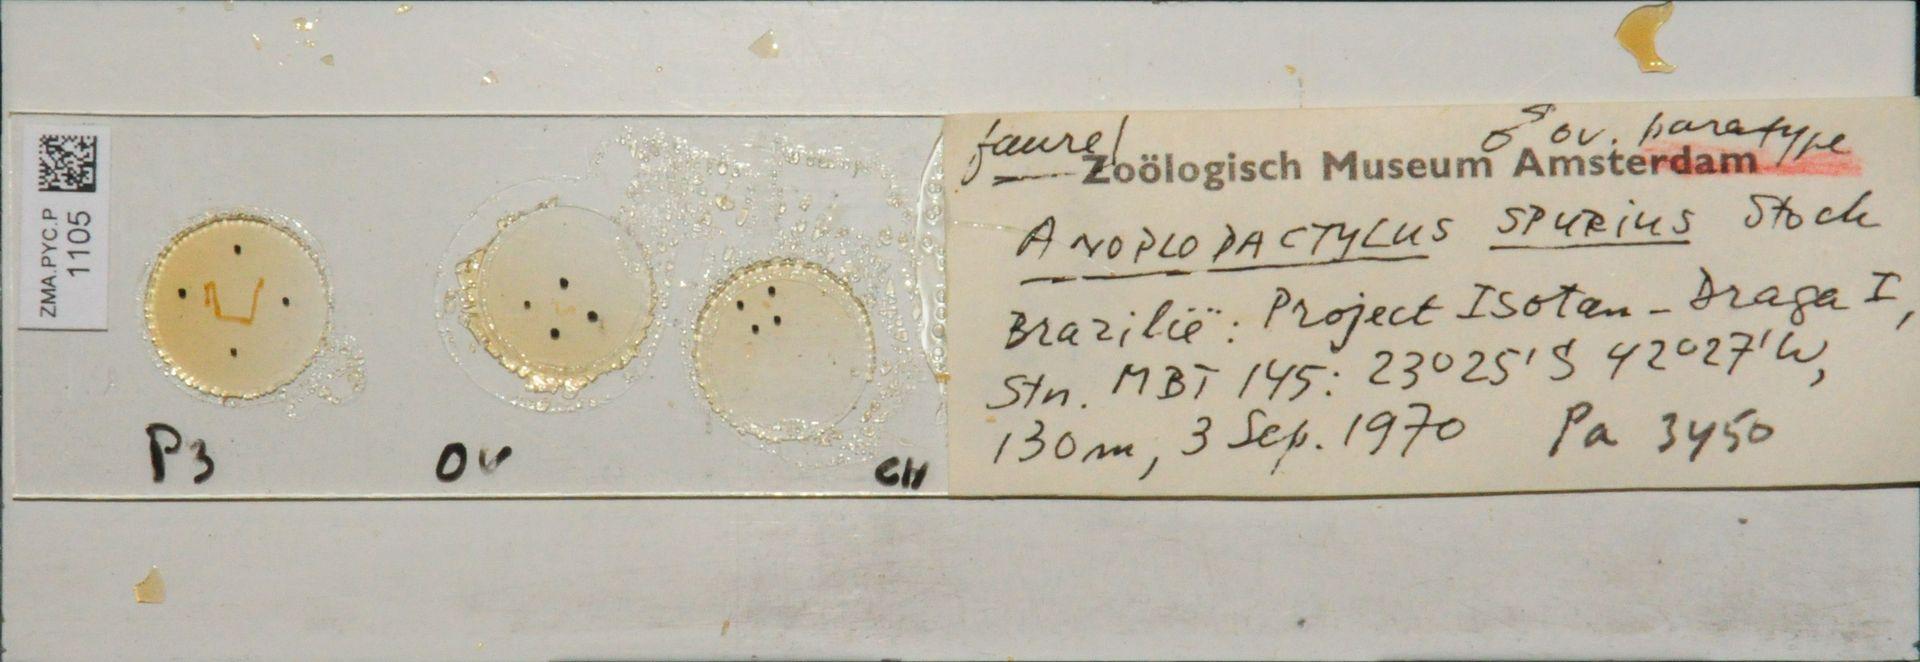 ZMA.PYC.P.1105 | Anoplodactylus spurius Stock